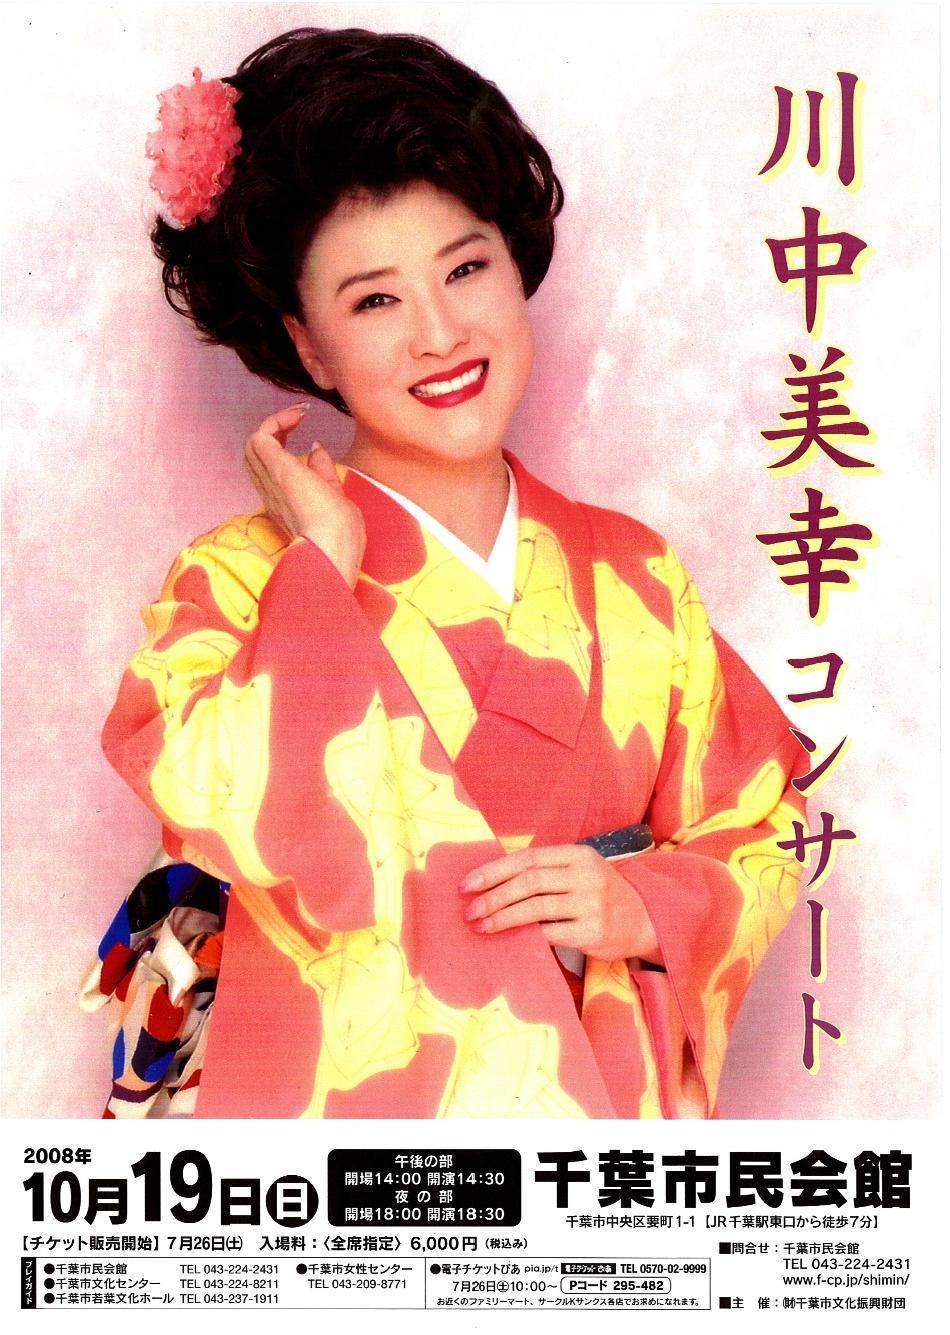 川中美幸 コンサート 画像|ソールドアウト